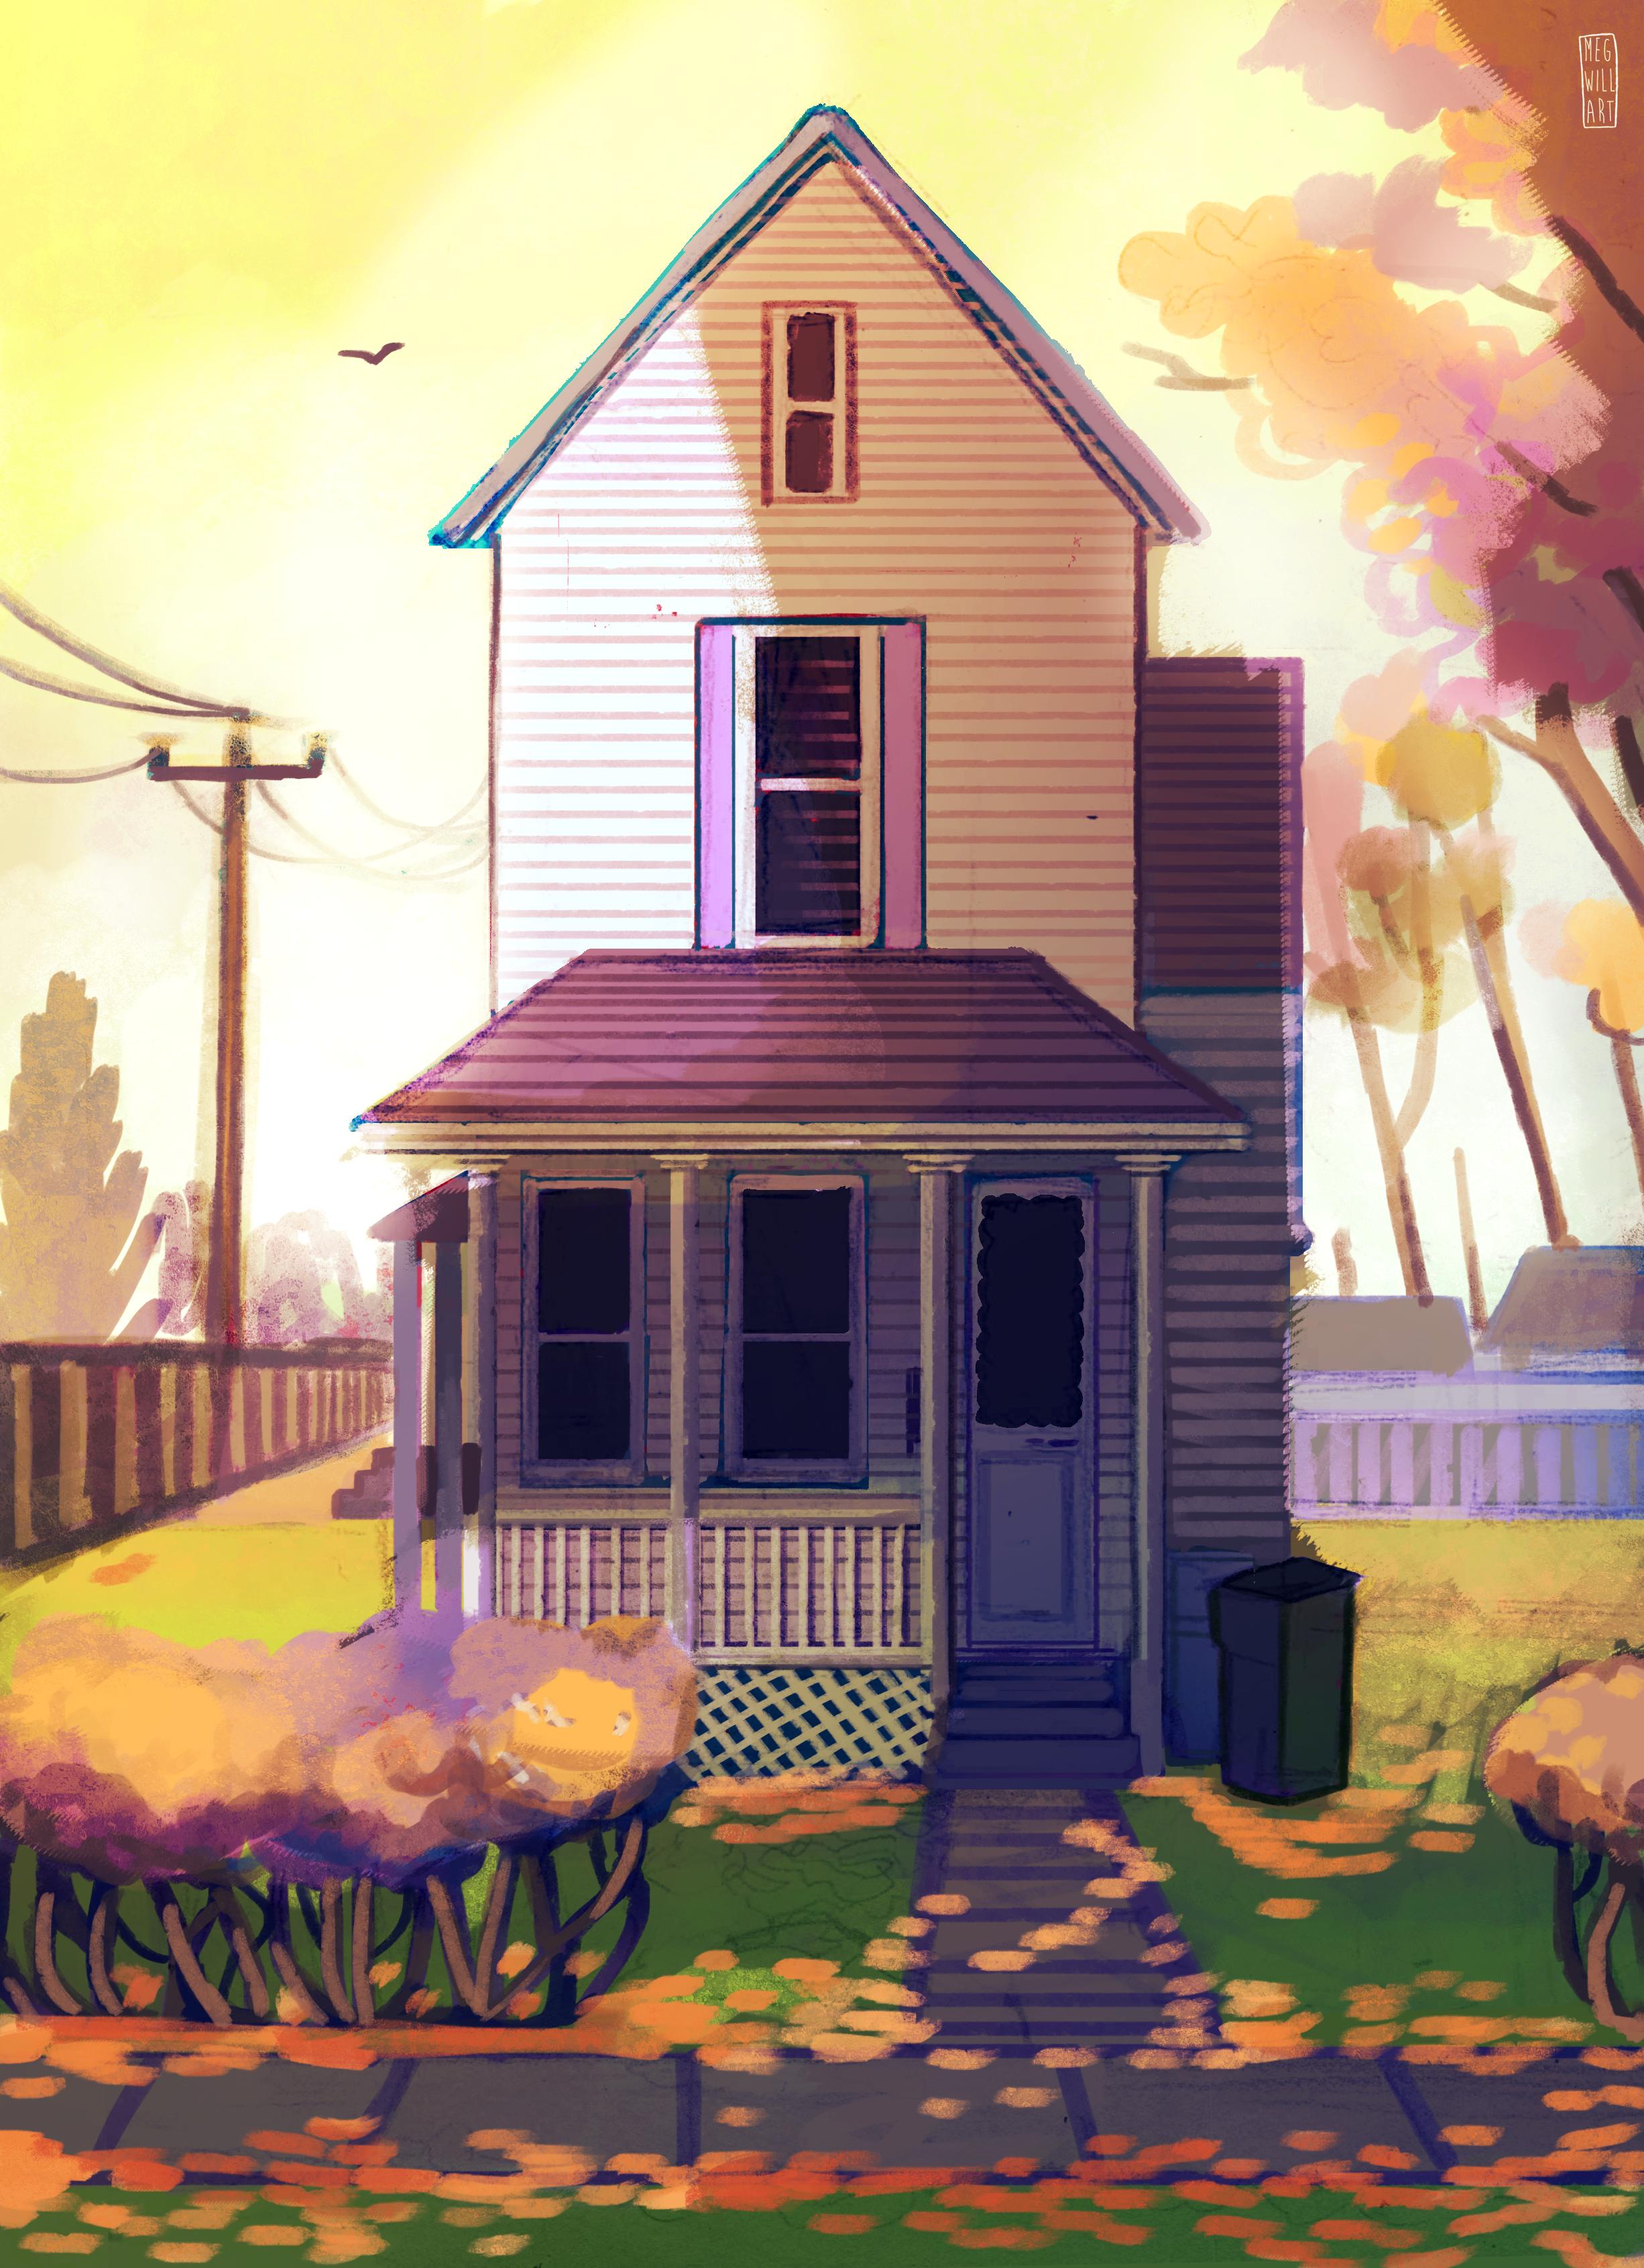 Home Illustration 1 final.png